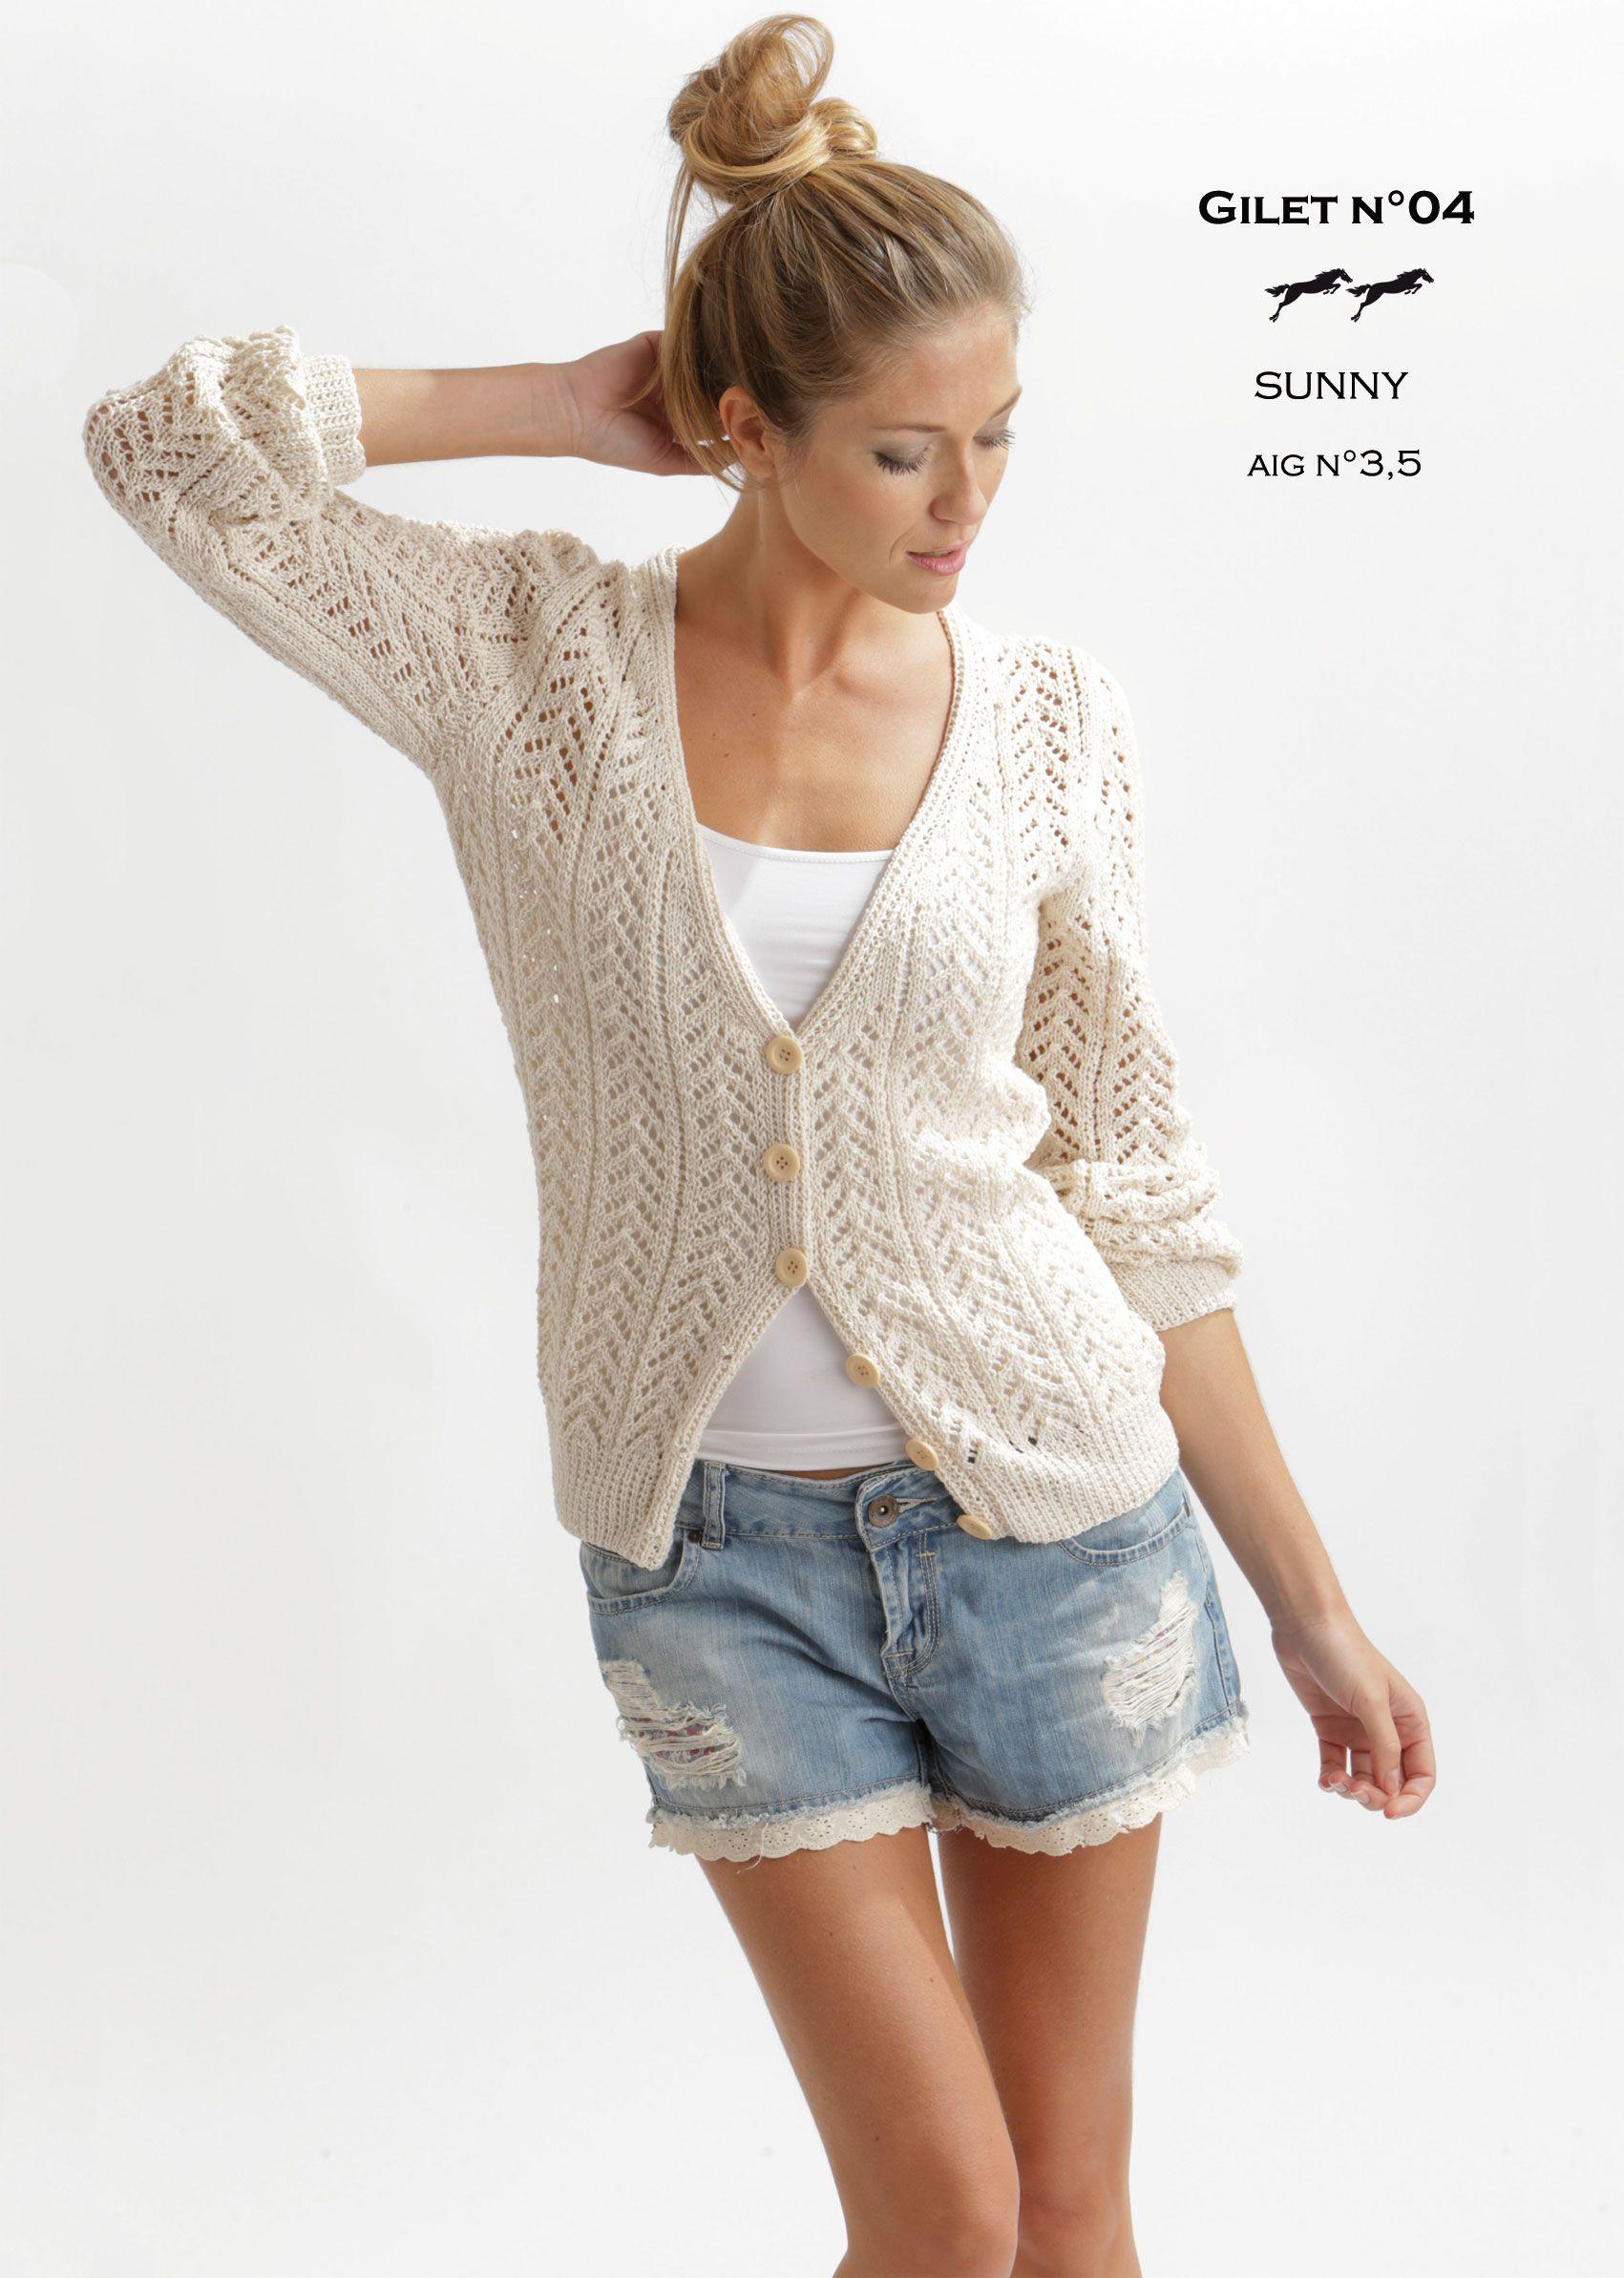 photos officielles 29786 4f1f5 Modèle de tricot - Gilet femme - Catalogue Cheval Blanc n°20 ...